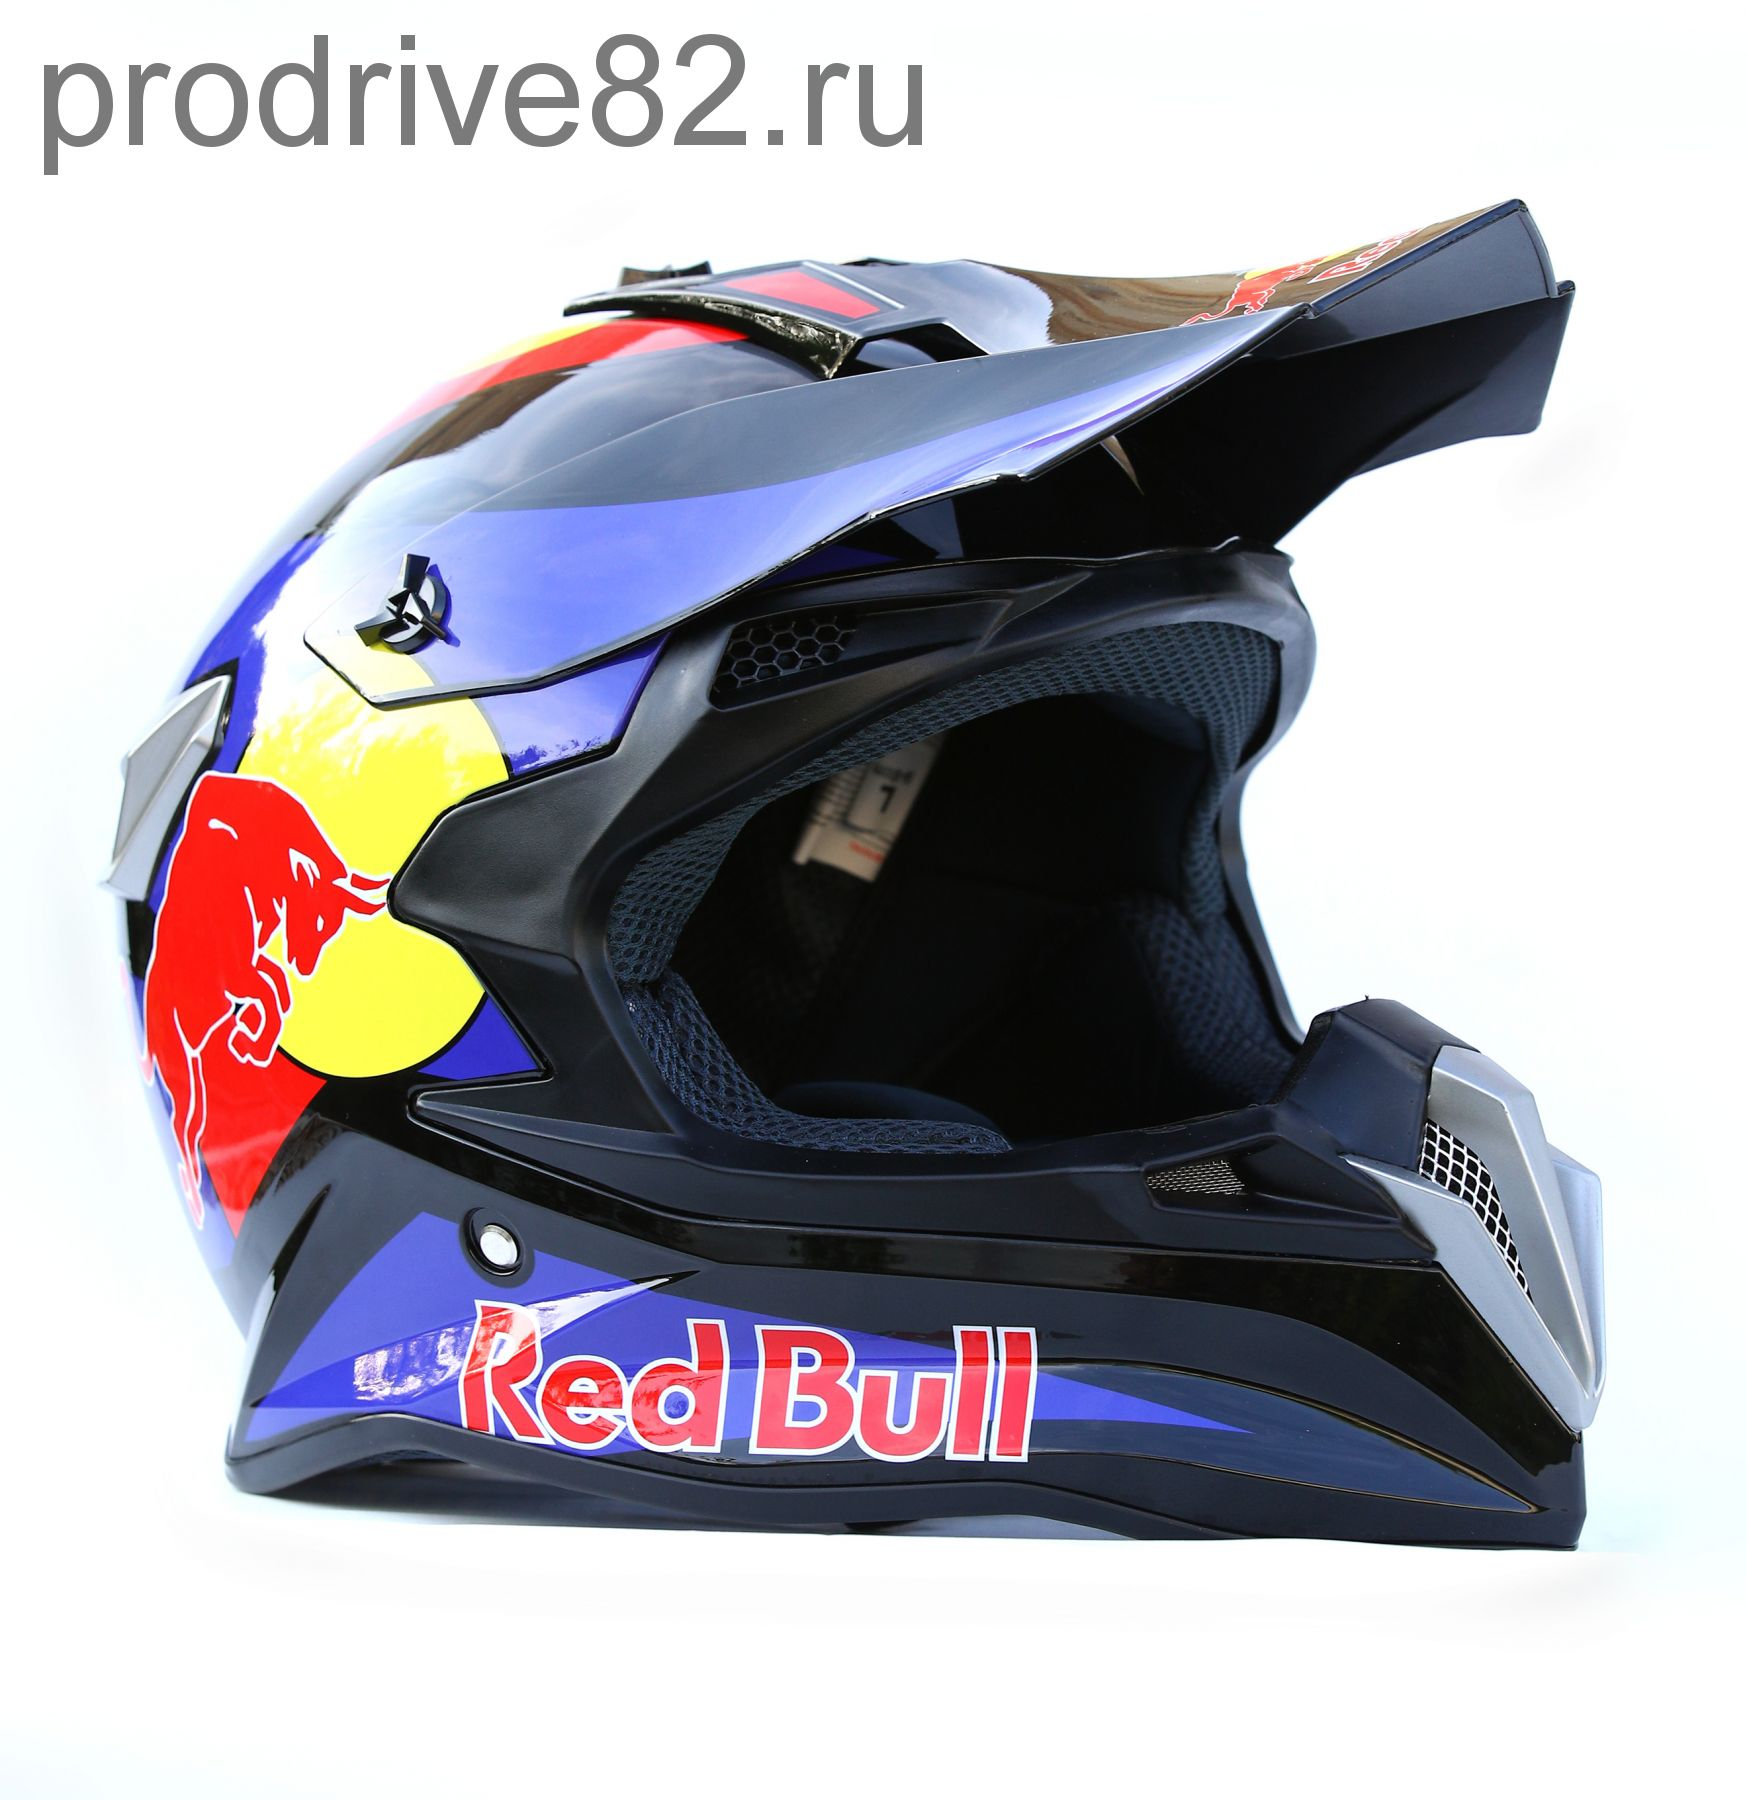 Шлем кроссовый Red Bull Blue